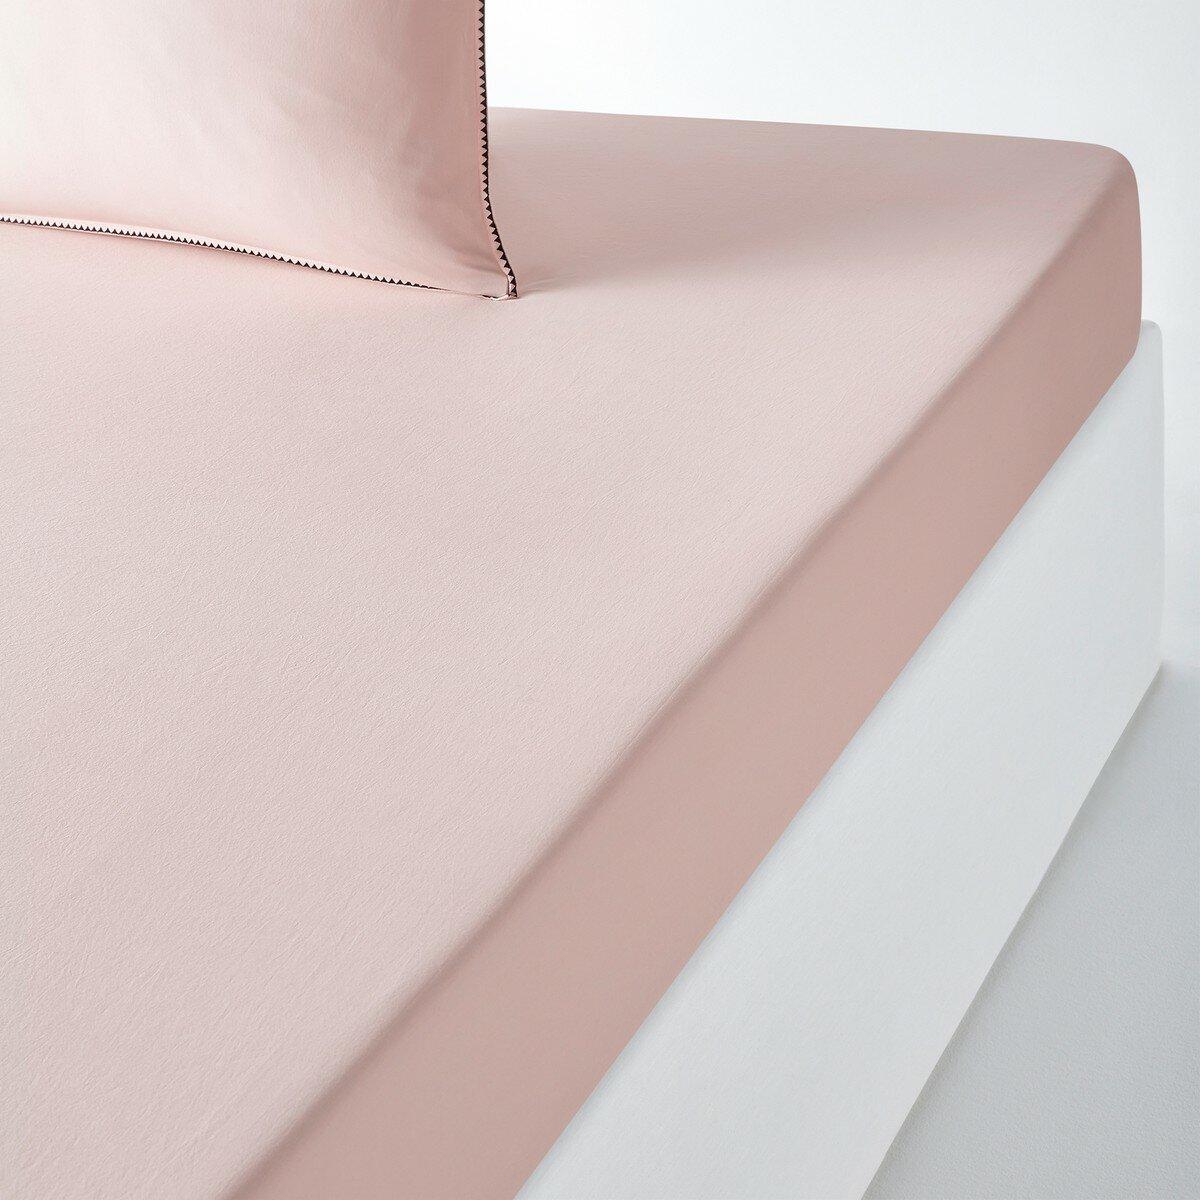 Простыня La Redoute Натяжная однотонная из стиранного хлопка ADRIO 180 x 200 см розовый